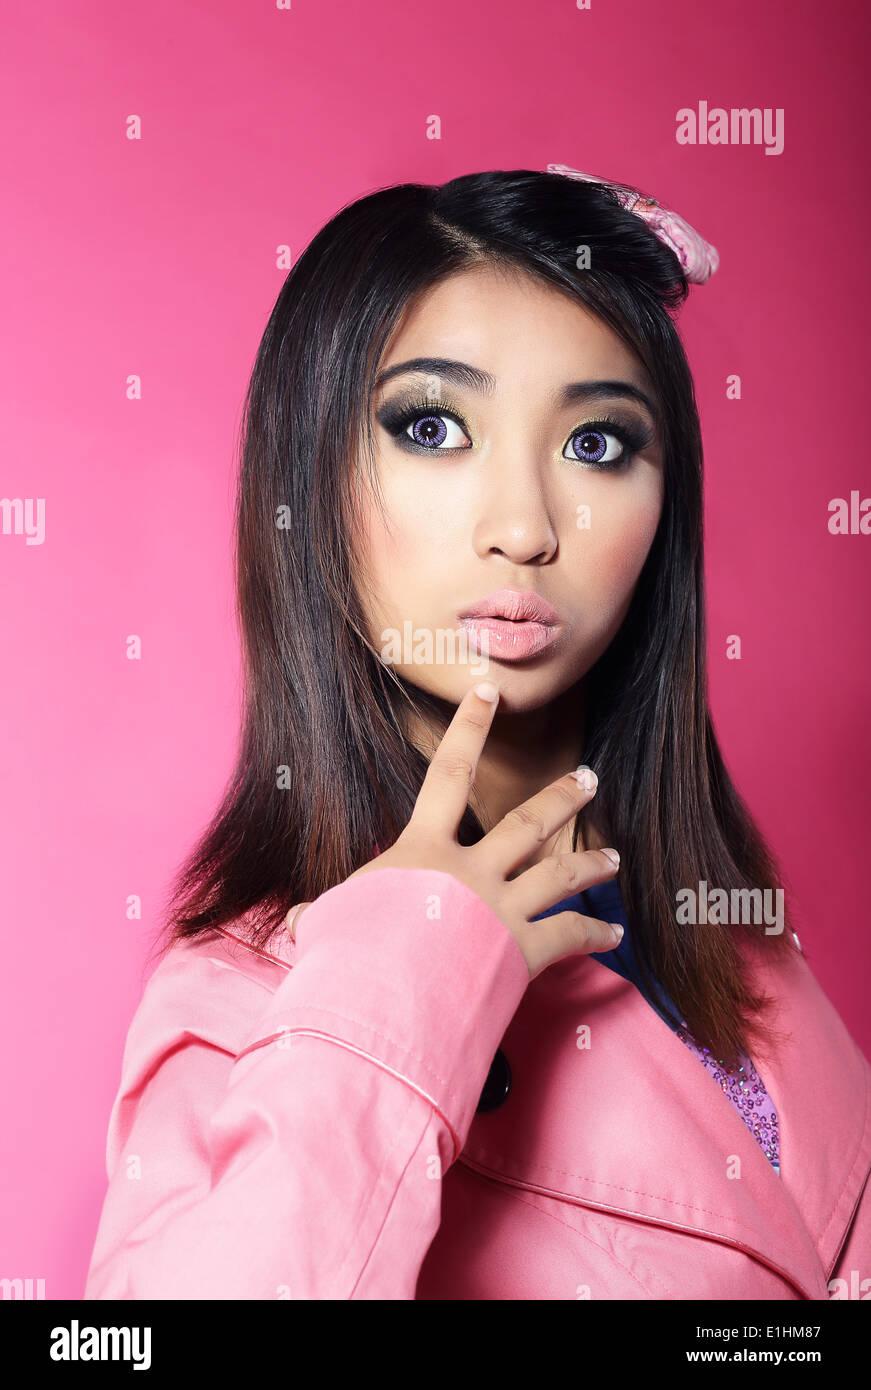 Attractivité. Portrait of Asian Brunette avec de grands yeux surpris Photo Stock